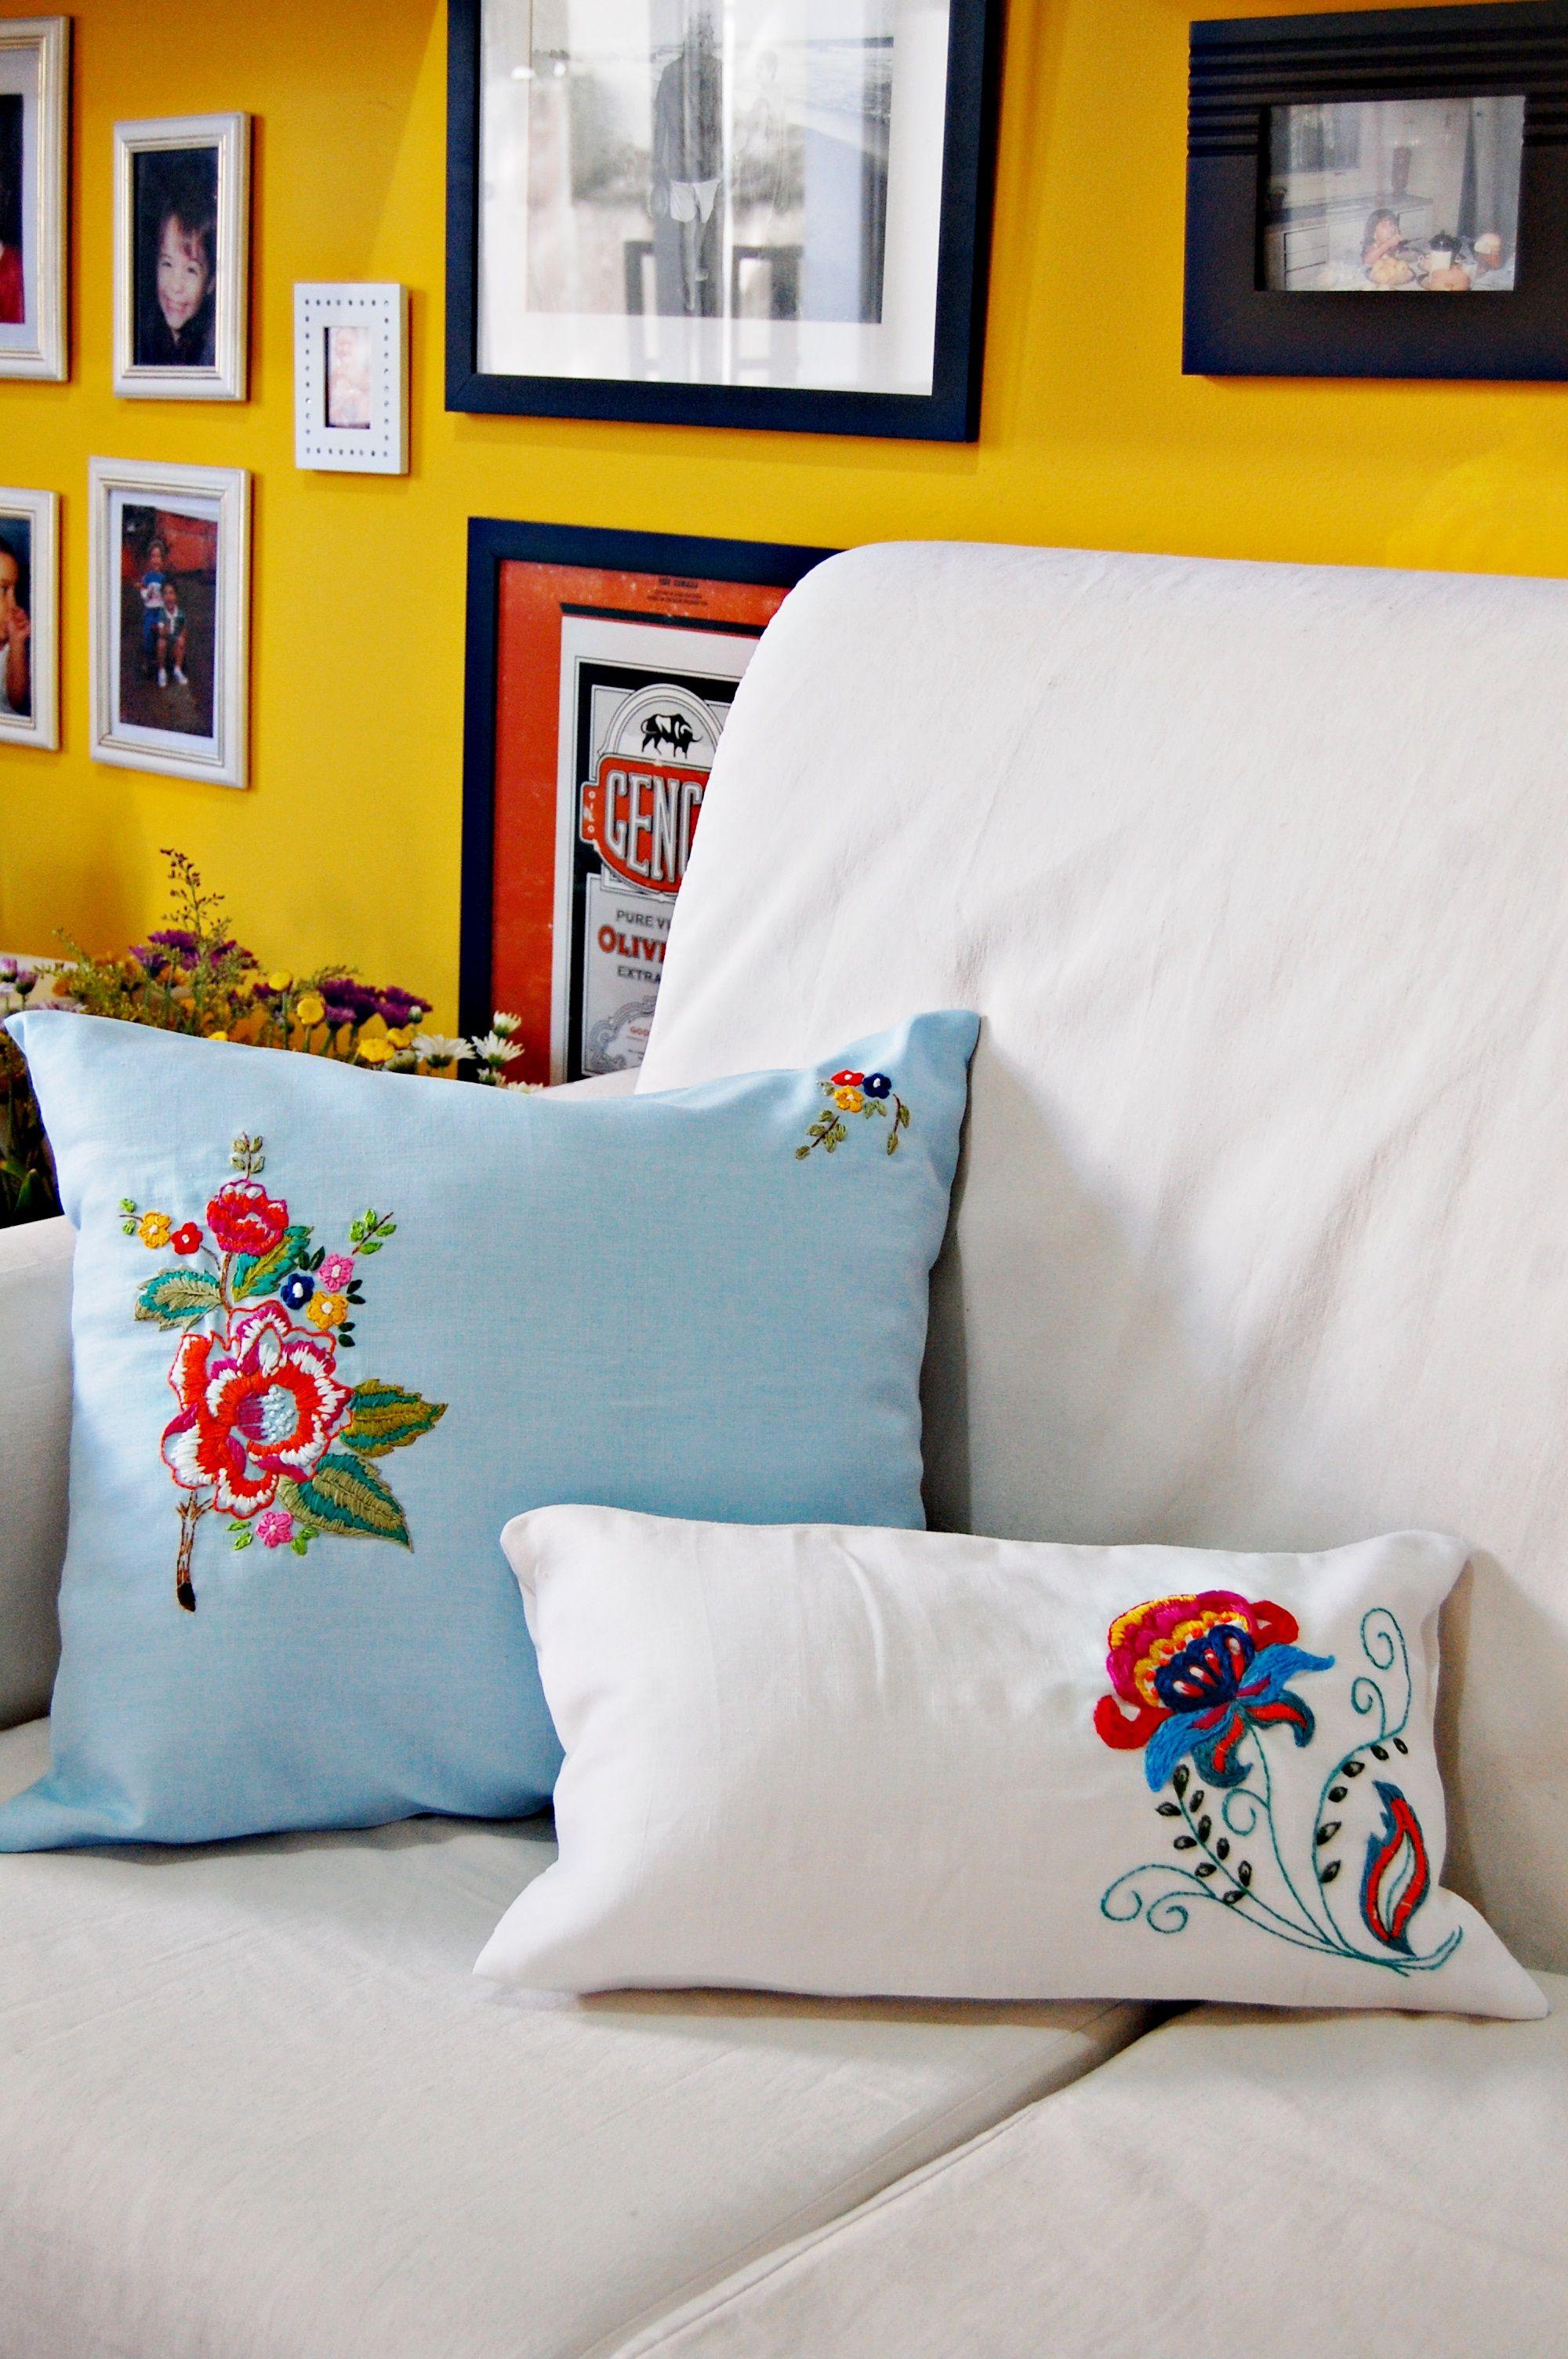 almofadas bordadas à mão. www.brigite.com.br